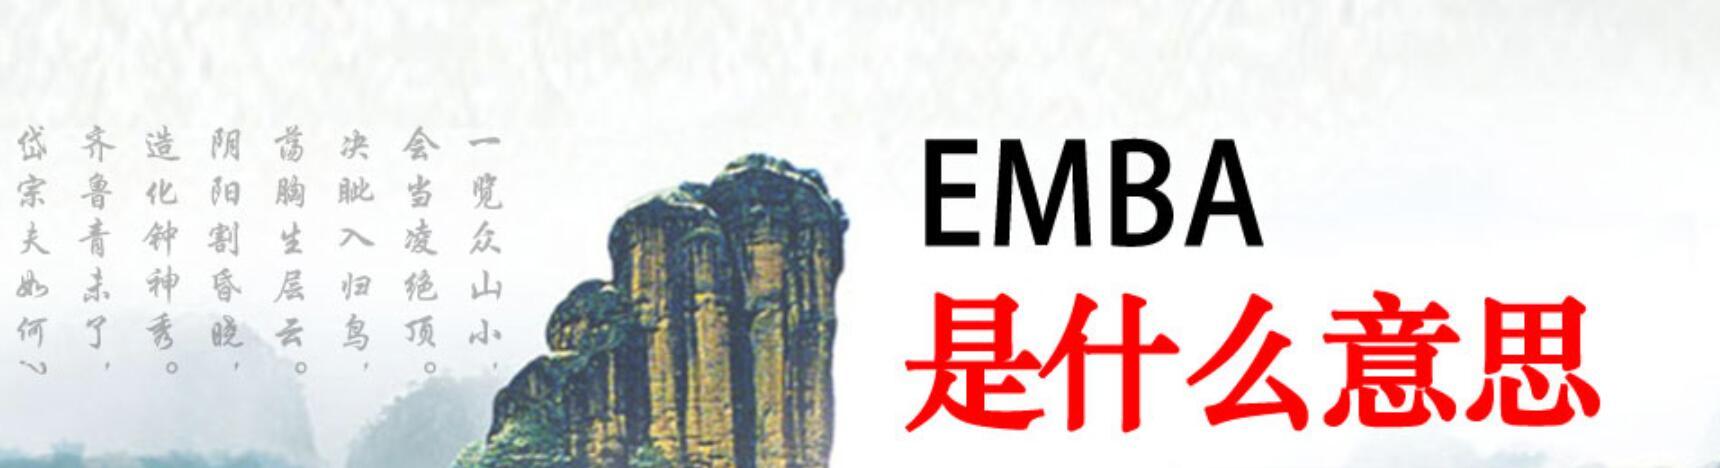 emba2019.jpg